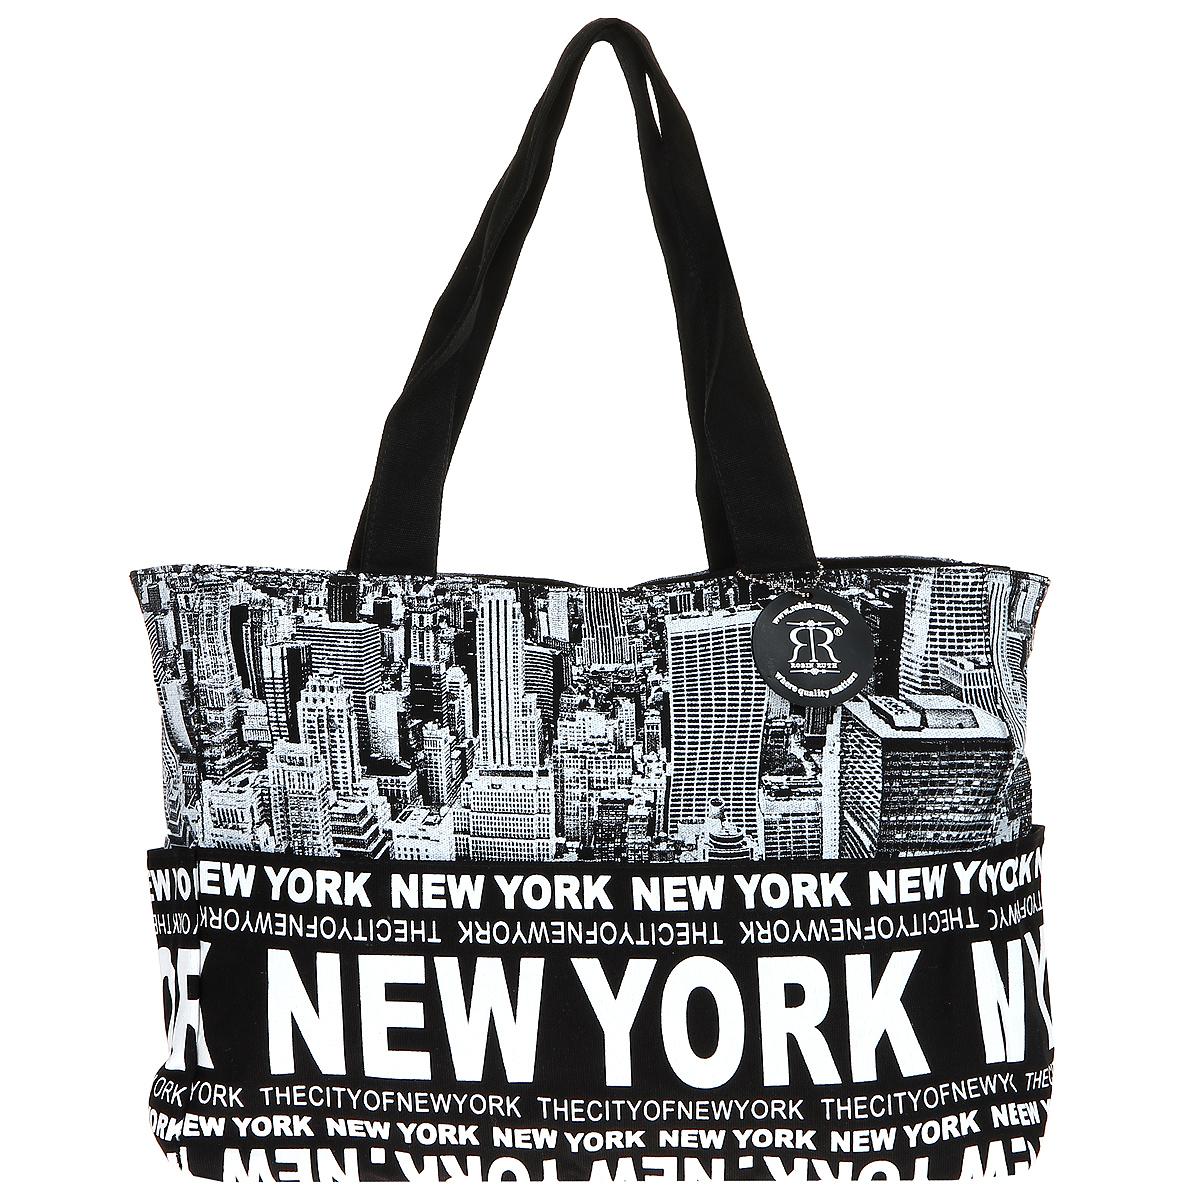 Сумка женская Robin Ruth New York, цвет: черный, белый. BNY014-Y3-47670-00504Стильная женская сумка выполнена из канвы черного, белого цветов и оформлена принтом в виде надписей New York. Сумка состоит из одного основного отделения, которое закрывается на молнию. Внутри вшитый карман на молнии и накладной кармашек для мобильного телефона. Такая сумка идеально дополнит ваш образ. Характеристики:Цвет: черный, белый. Материал: канва, металл. Размер сумки (без учета ручки): 47 см х 29 см х 13 см. Высота ручек: 26 см. Изготовитель: Китай. Артикул: BNY014-Y.